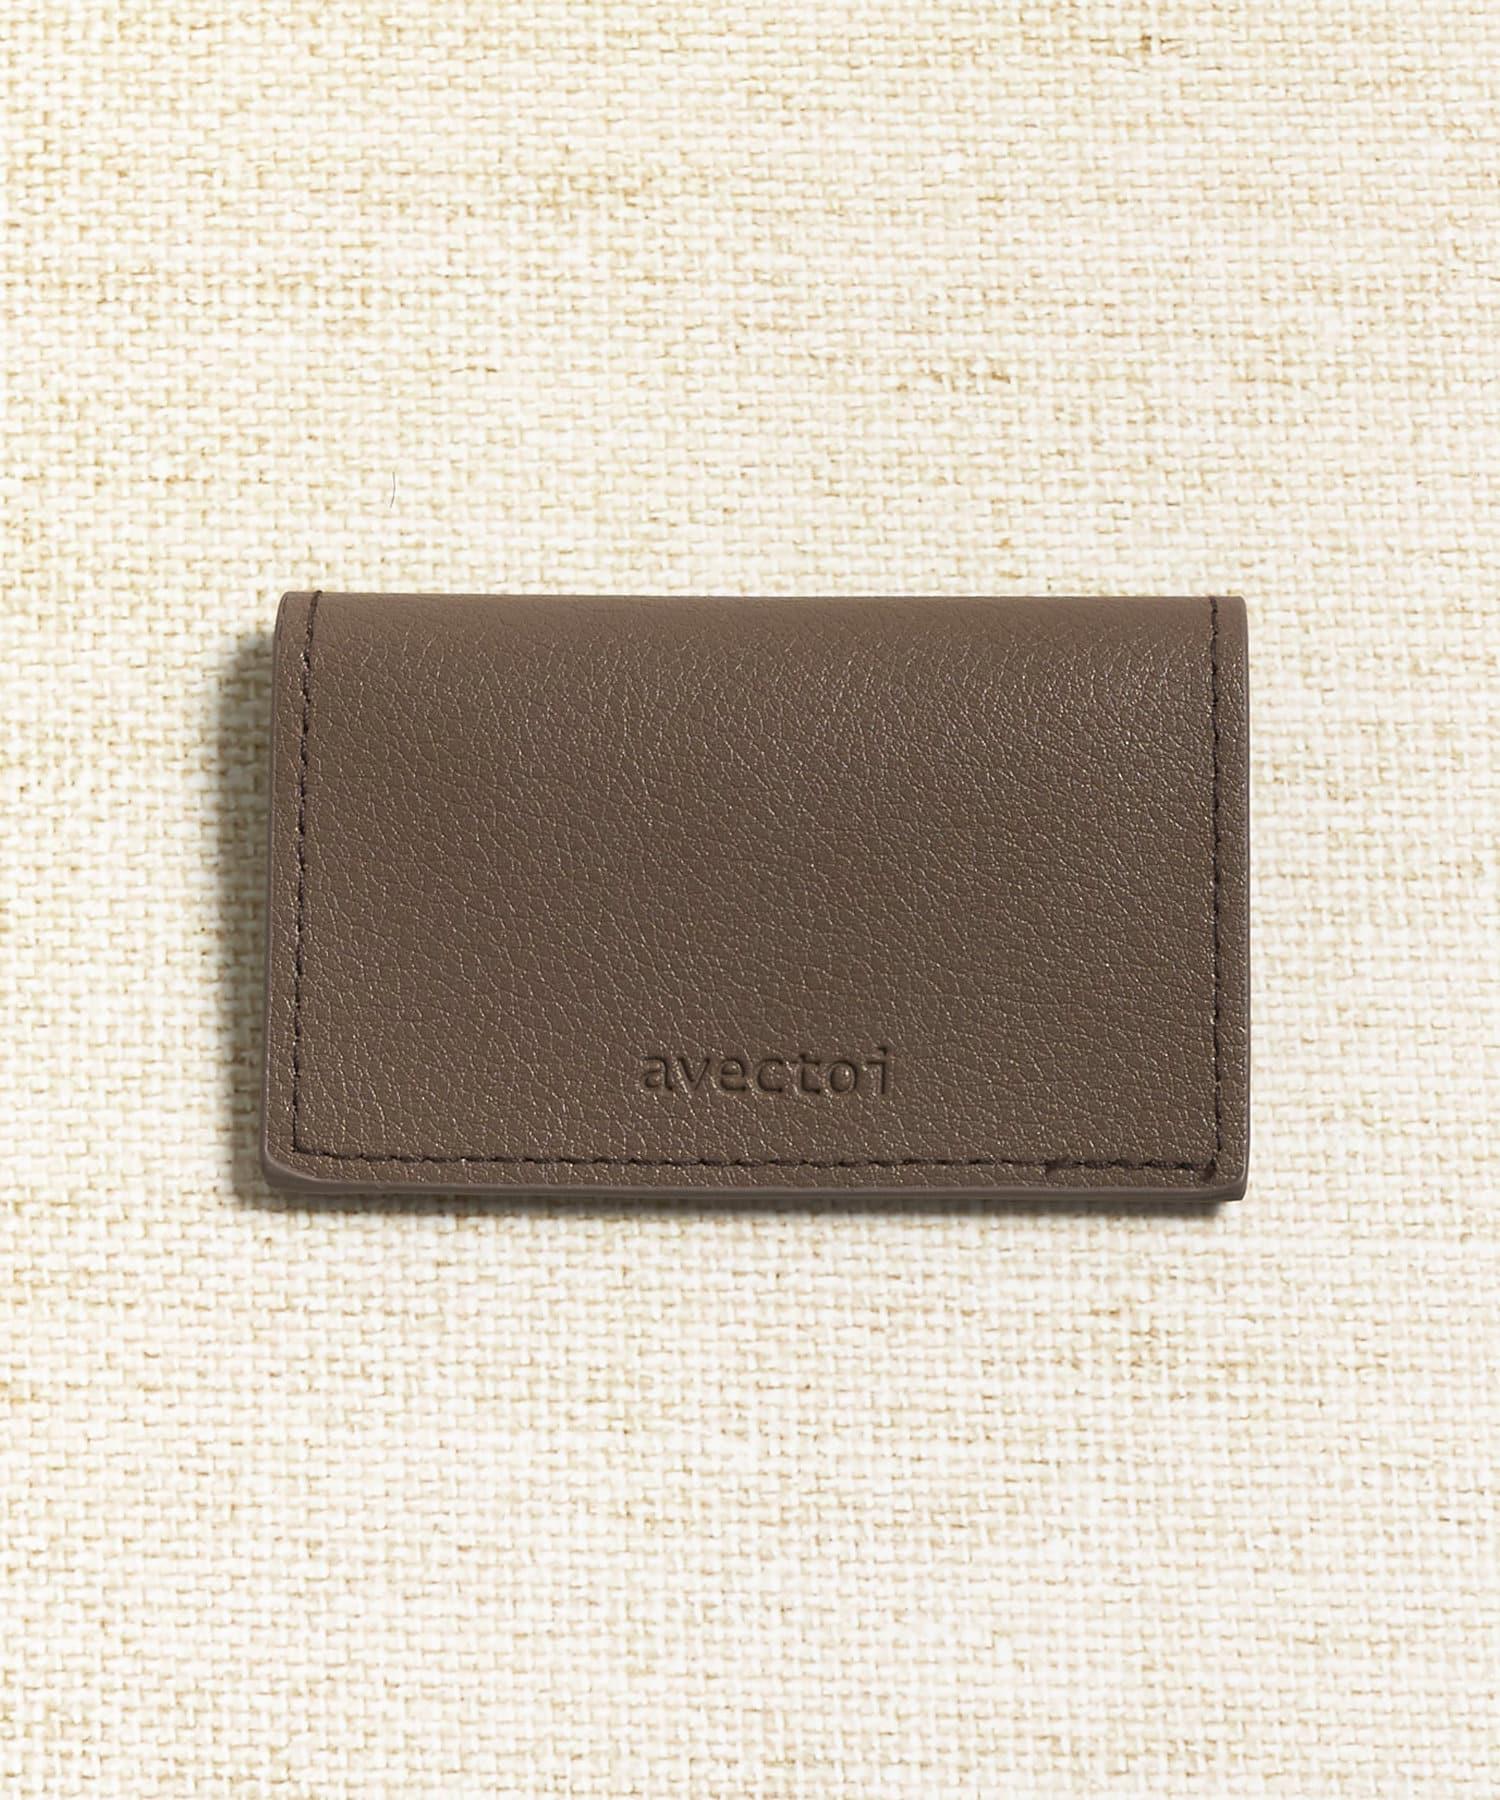 3COINS(スリーコインズ) 【ASOKO】ロゴ折りたたみパスケース